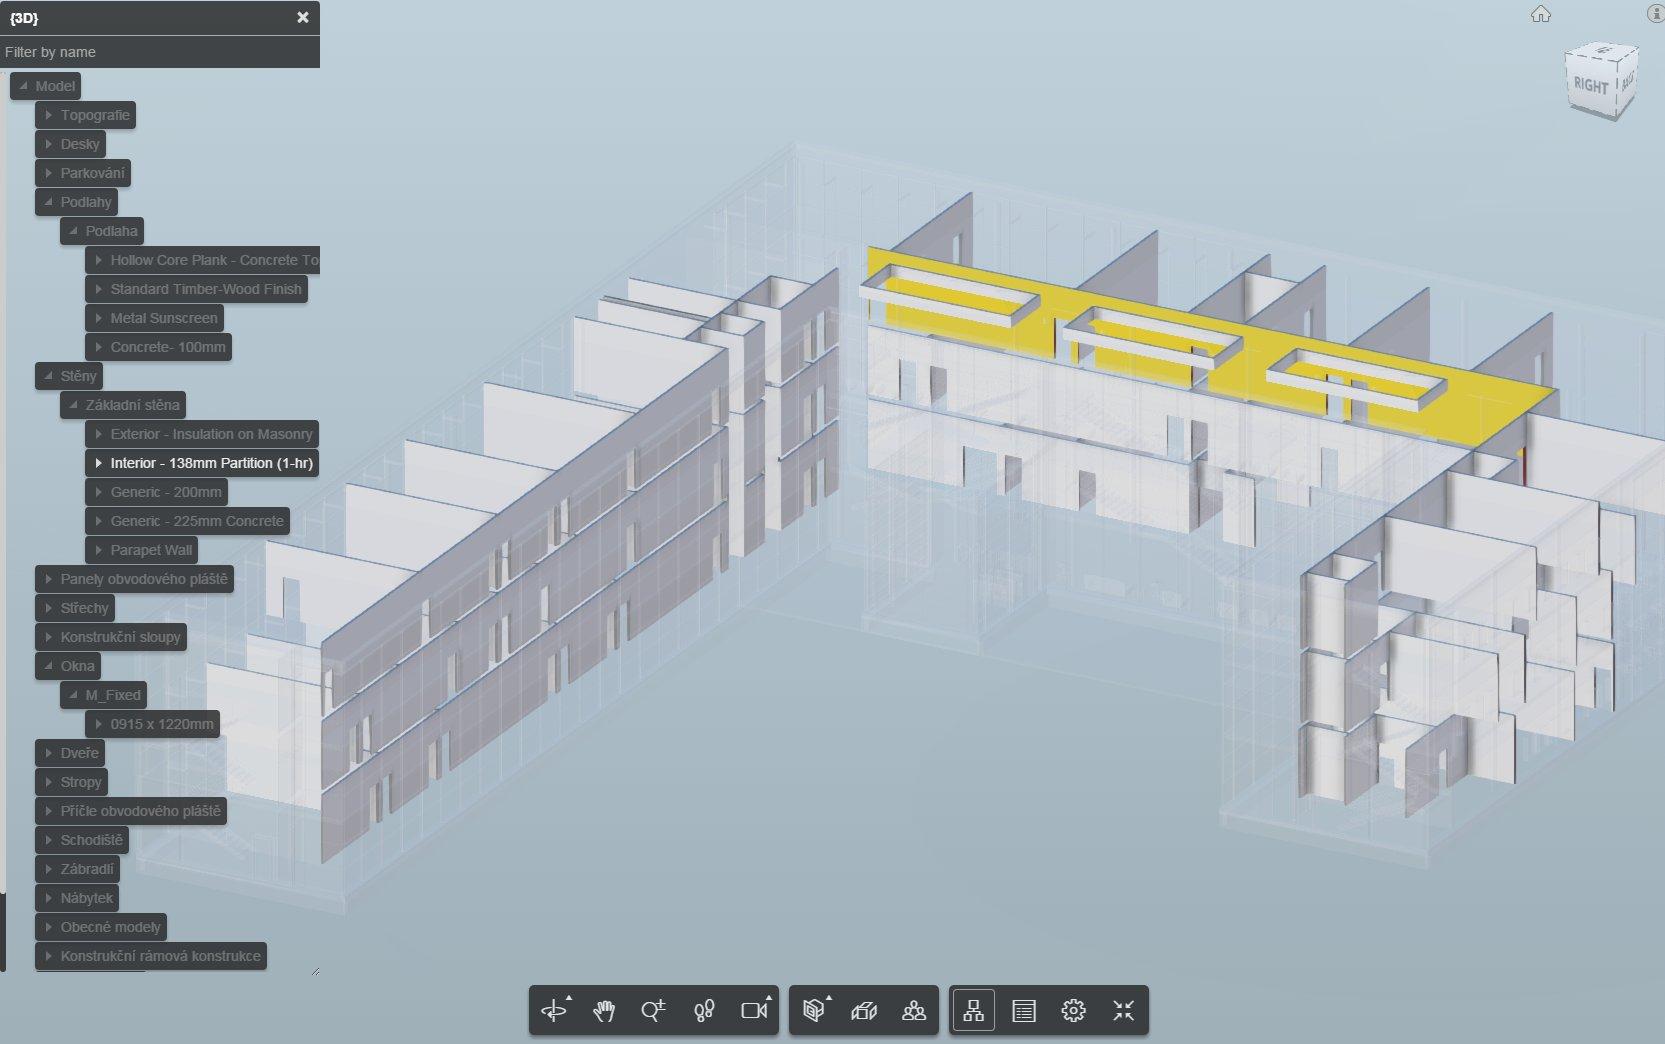 Zobrazení prohlížeče modelu. S volbou zobrazení vnitřních stěn